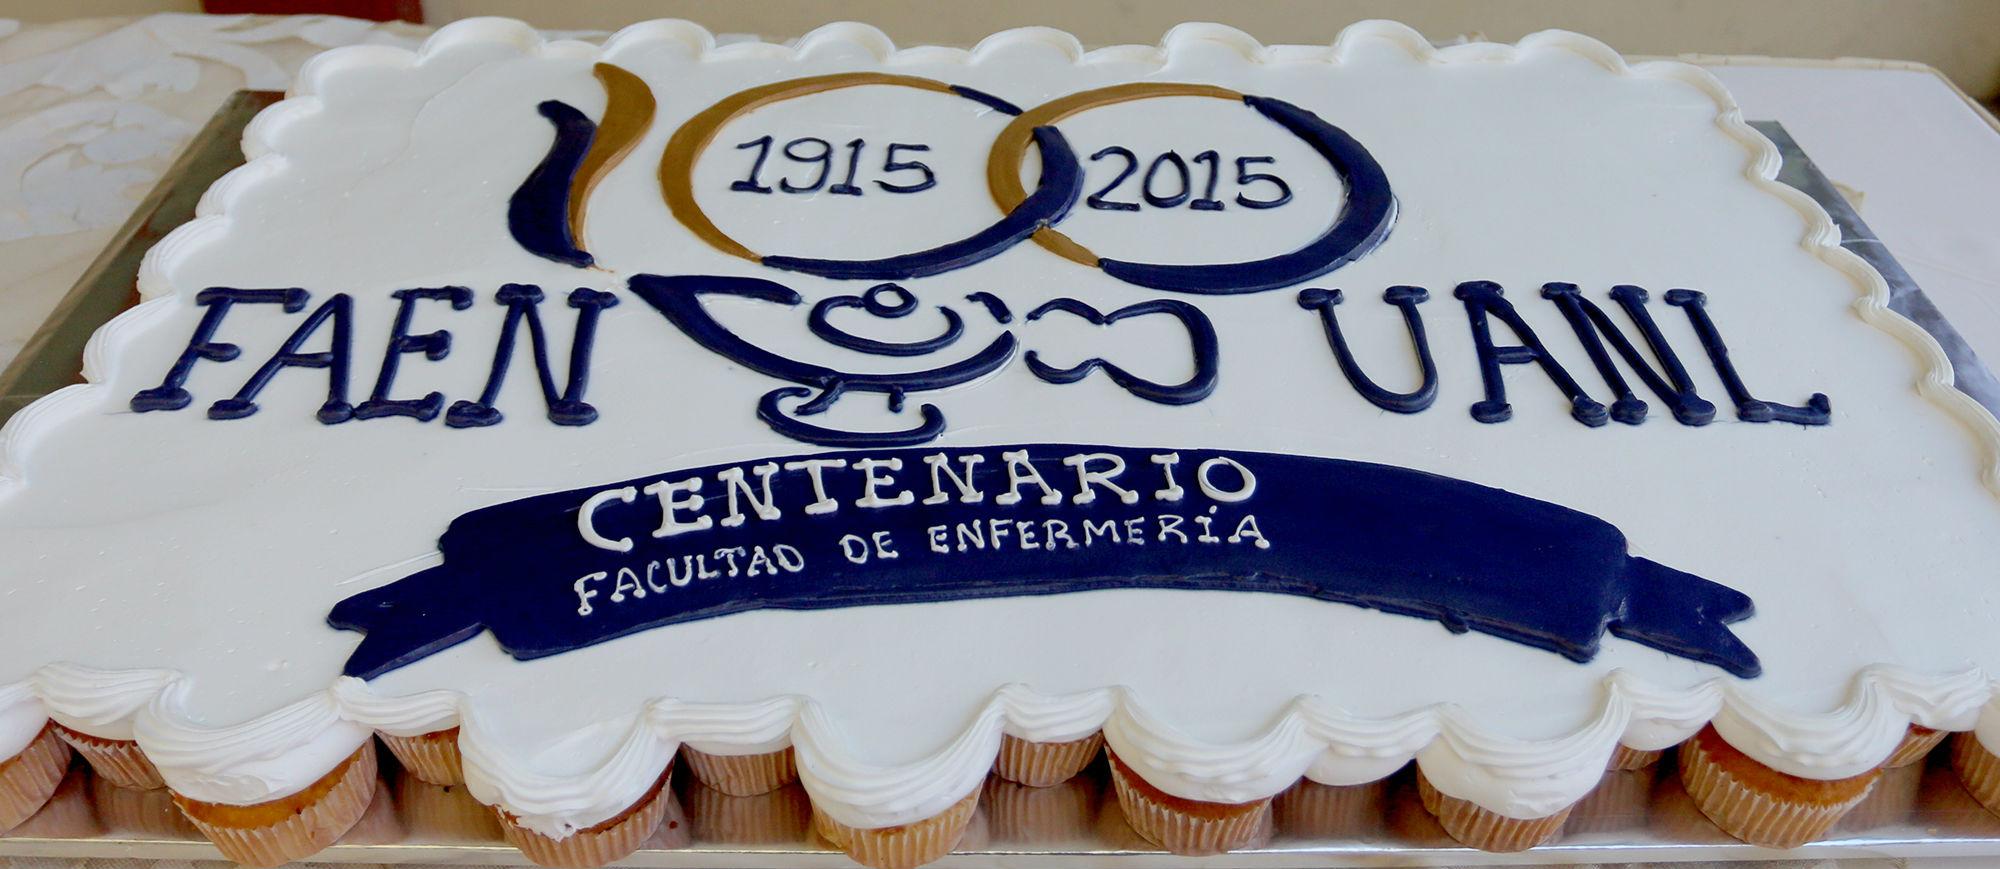 Pastel de celebración de cien años de la Facultad de Enfermería